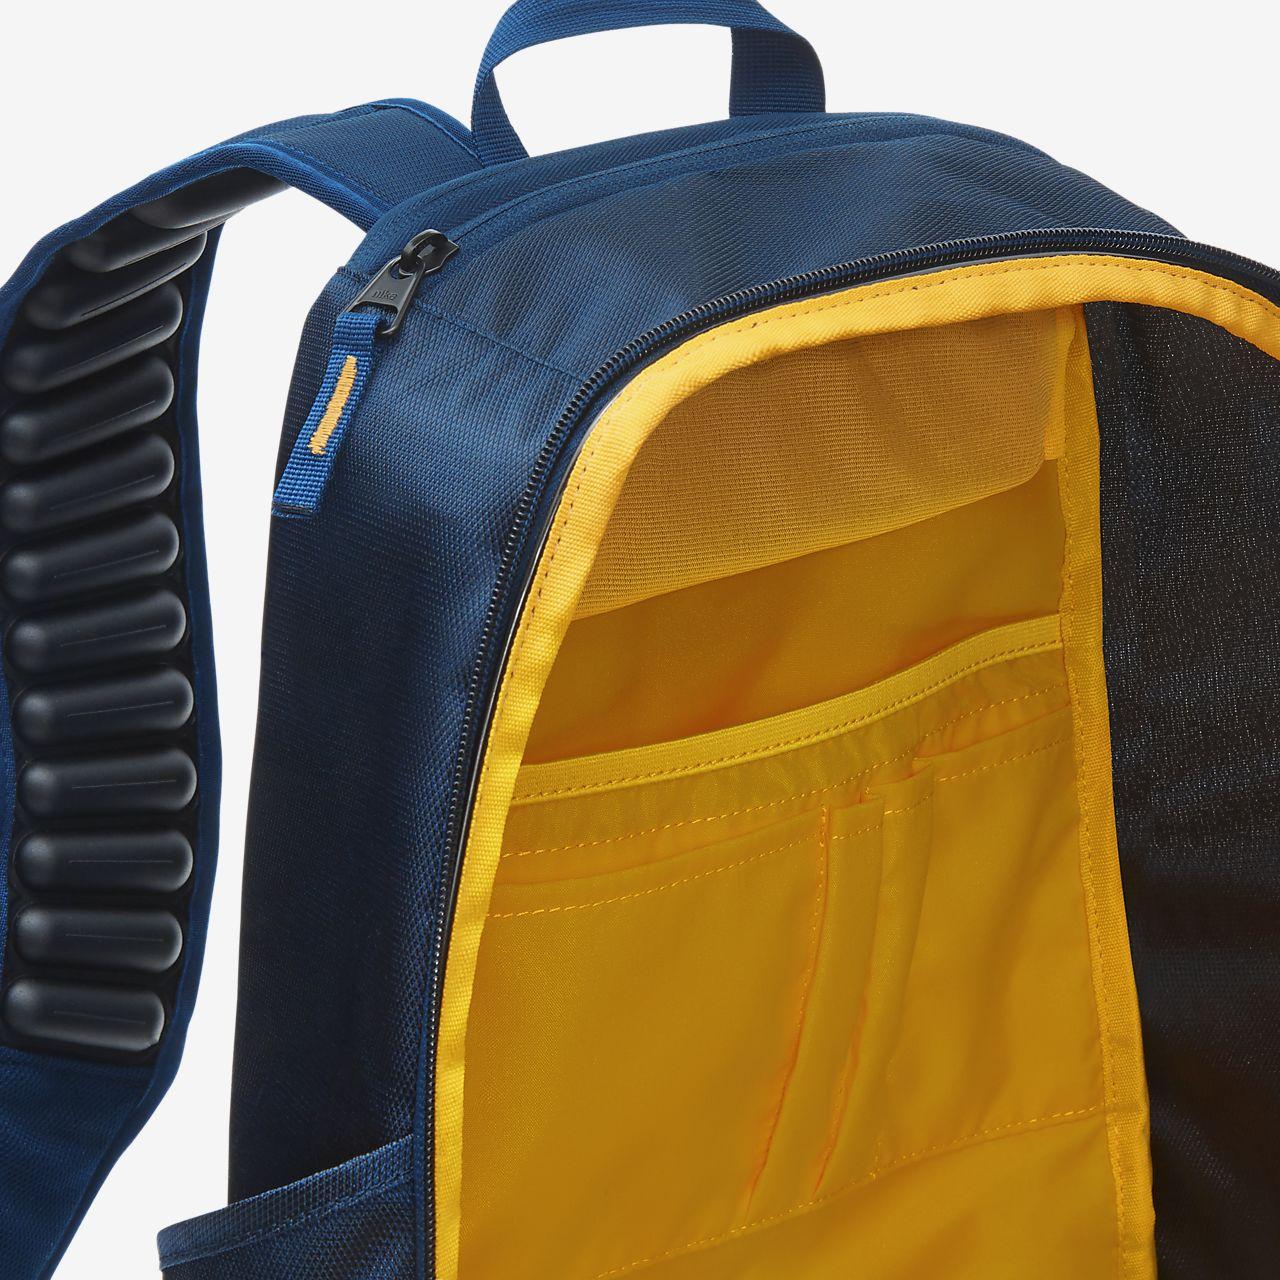 525bb8ff183 Nike Vapor Backpack Orange And Blue - Motorslist